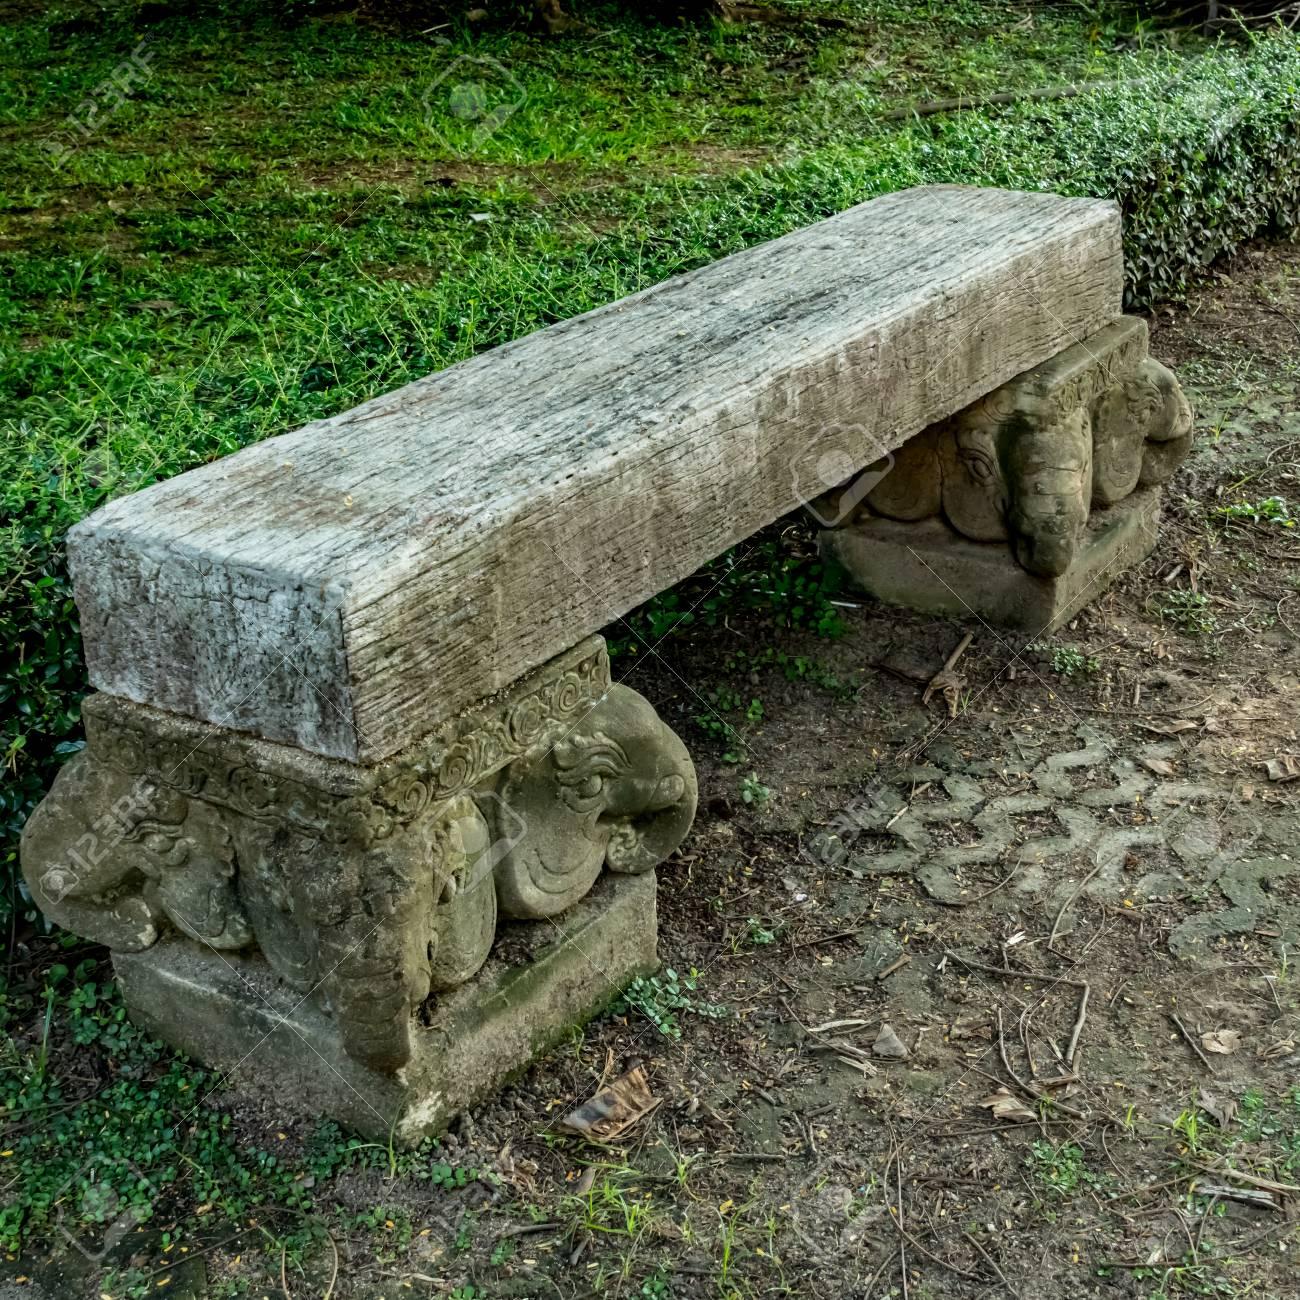 banc de parc bois old sur bloc de béton dans le parc banque d'images